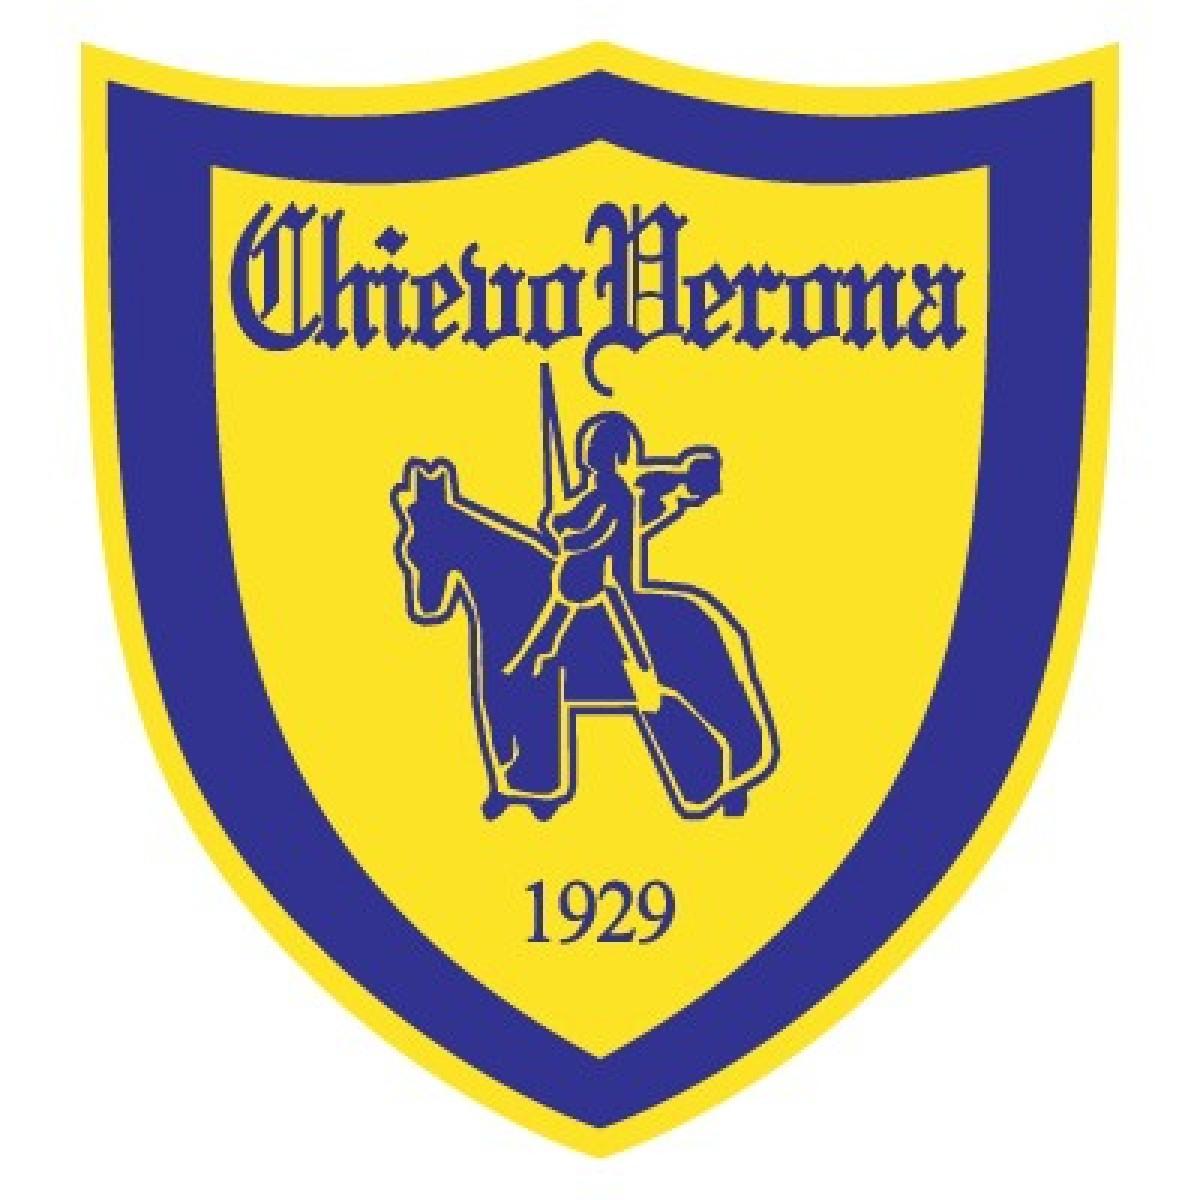 Annullato il procedimento sulle plusvalenze fittizie, il Chievo resta in Serie A